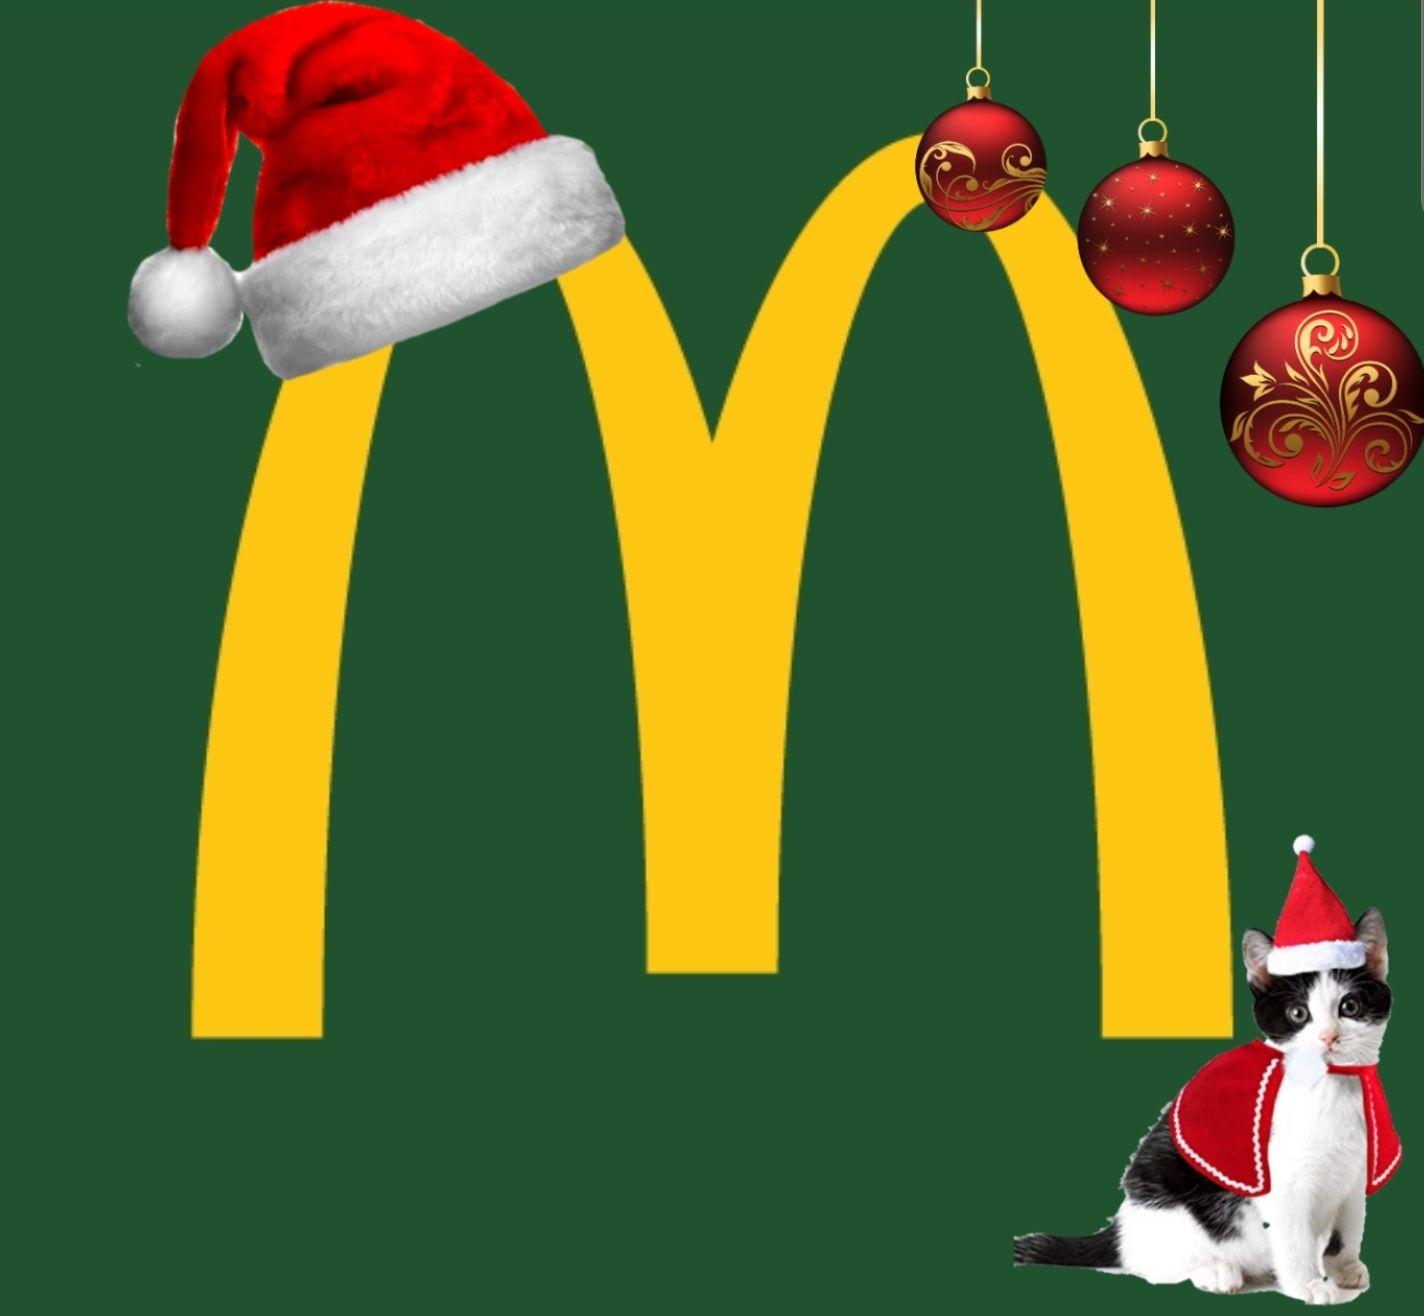 McDonald's Weihnachtscountdown vom 17.10. - 13.11. z.B. RedBull Gratis, McFlurry o. 6er Chicken Nuggets für 1€ [McDonald's]